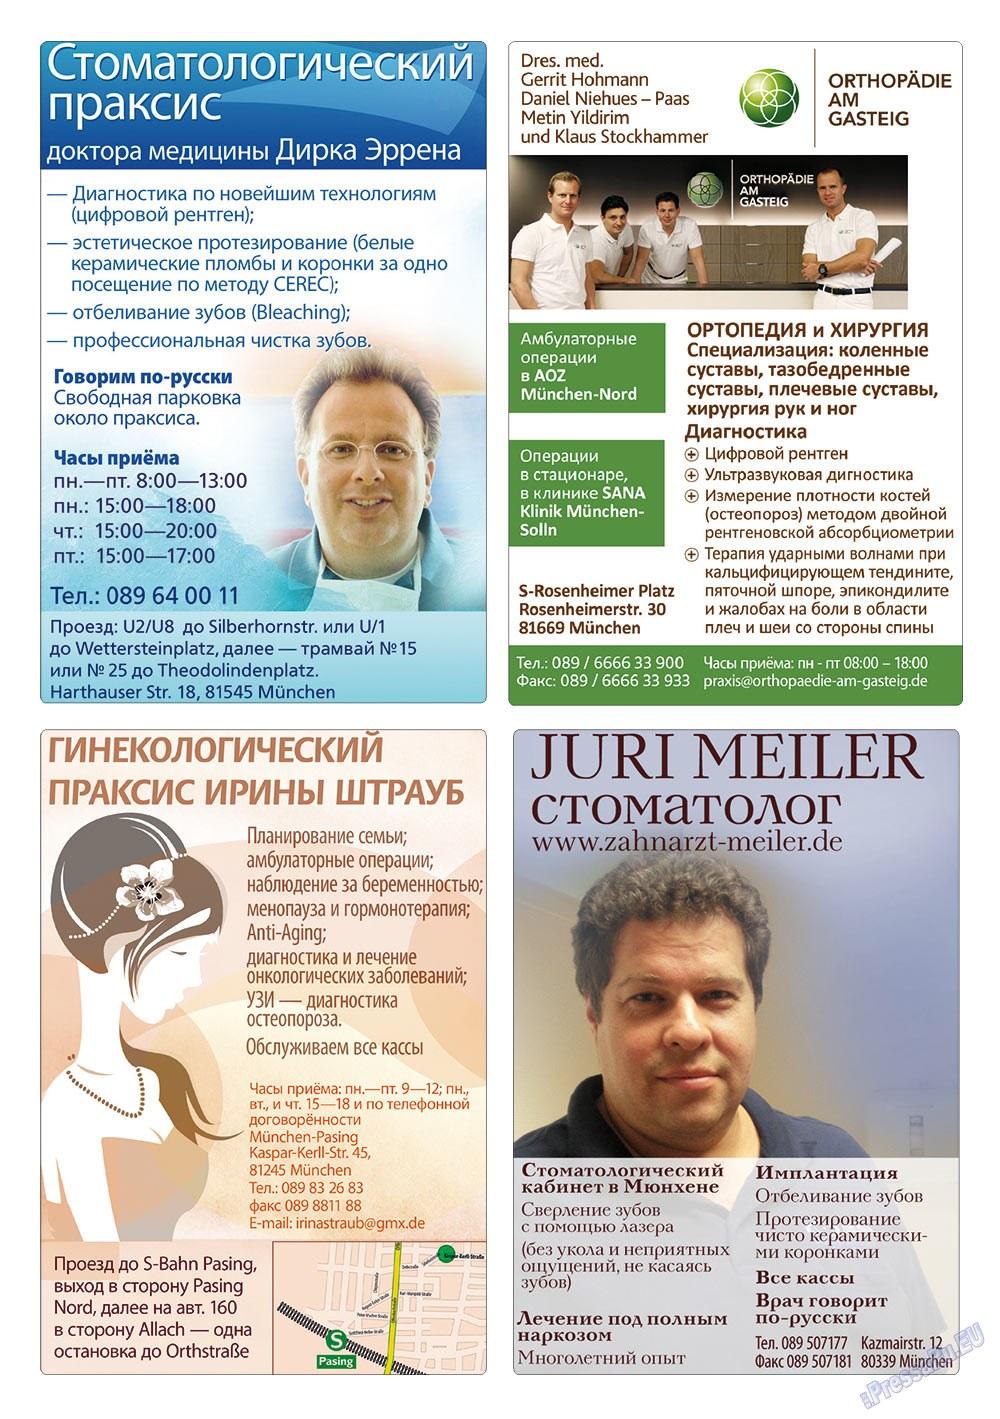 Апельсин (журнал). 2013 год, номер 42, стр. 41